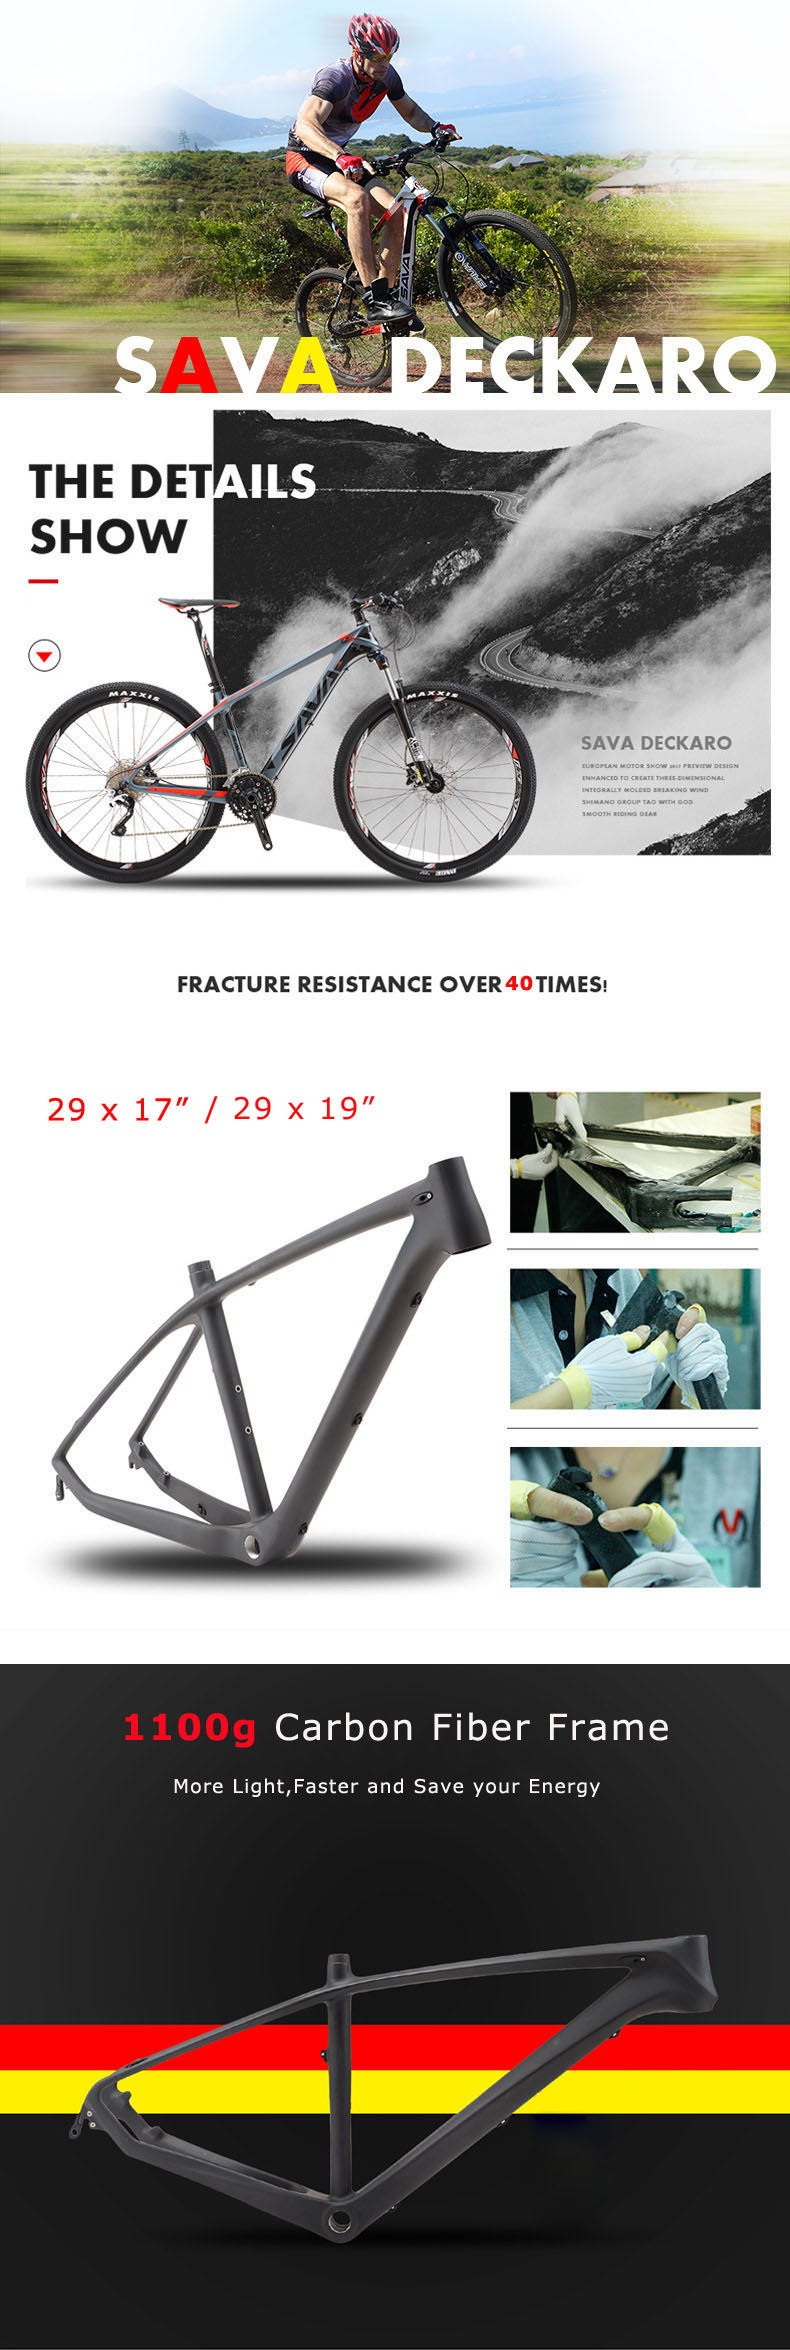 MTB Bike 300 -5 (2)